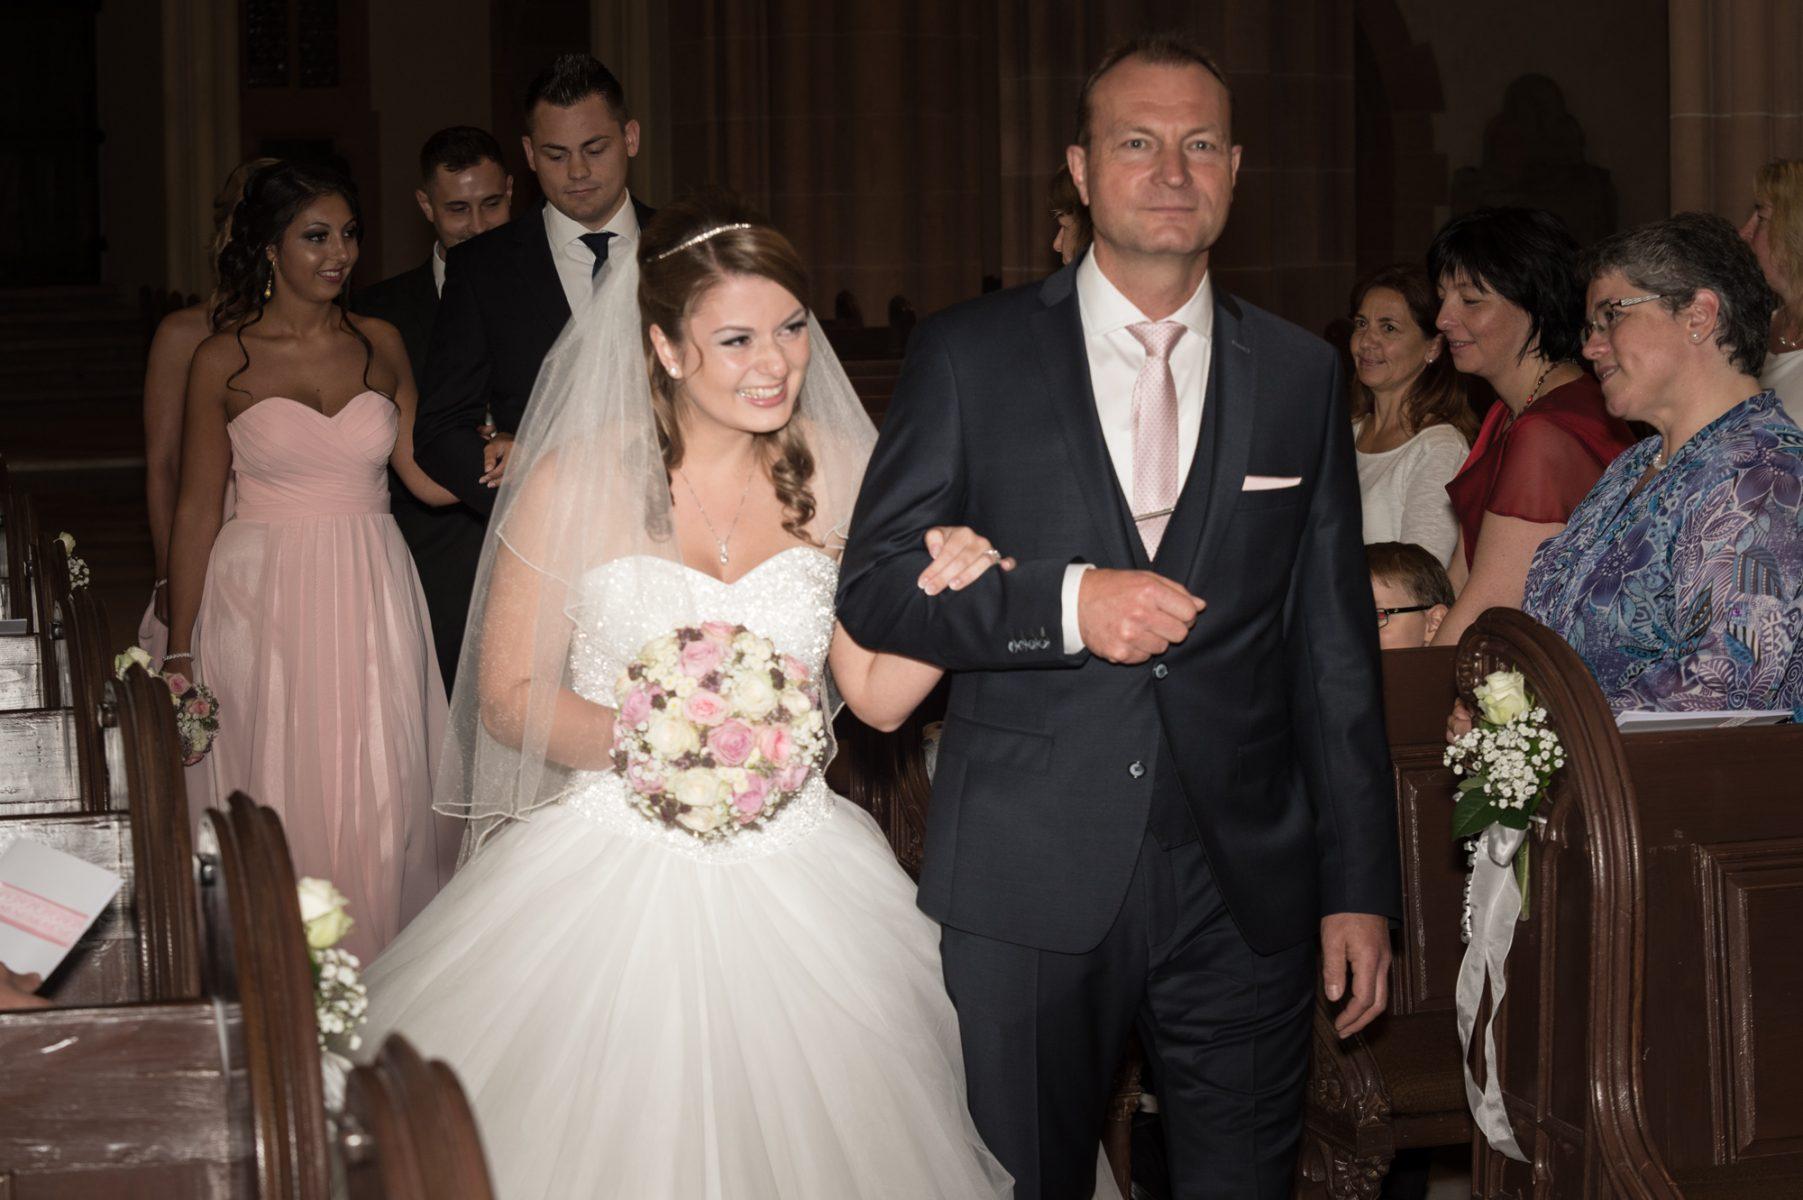 amatustra Hochzeit Trauung B2000 7199 1803x1200 - Trauung